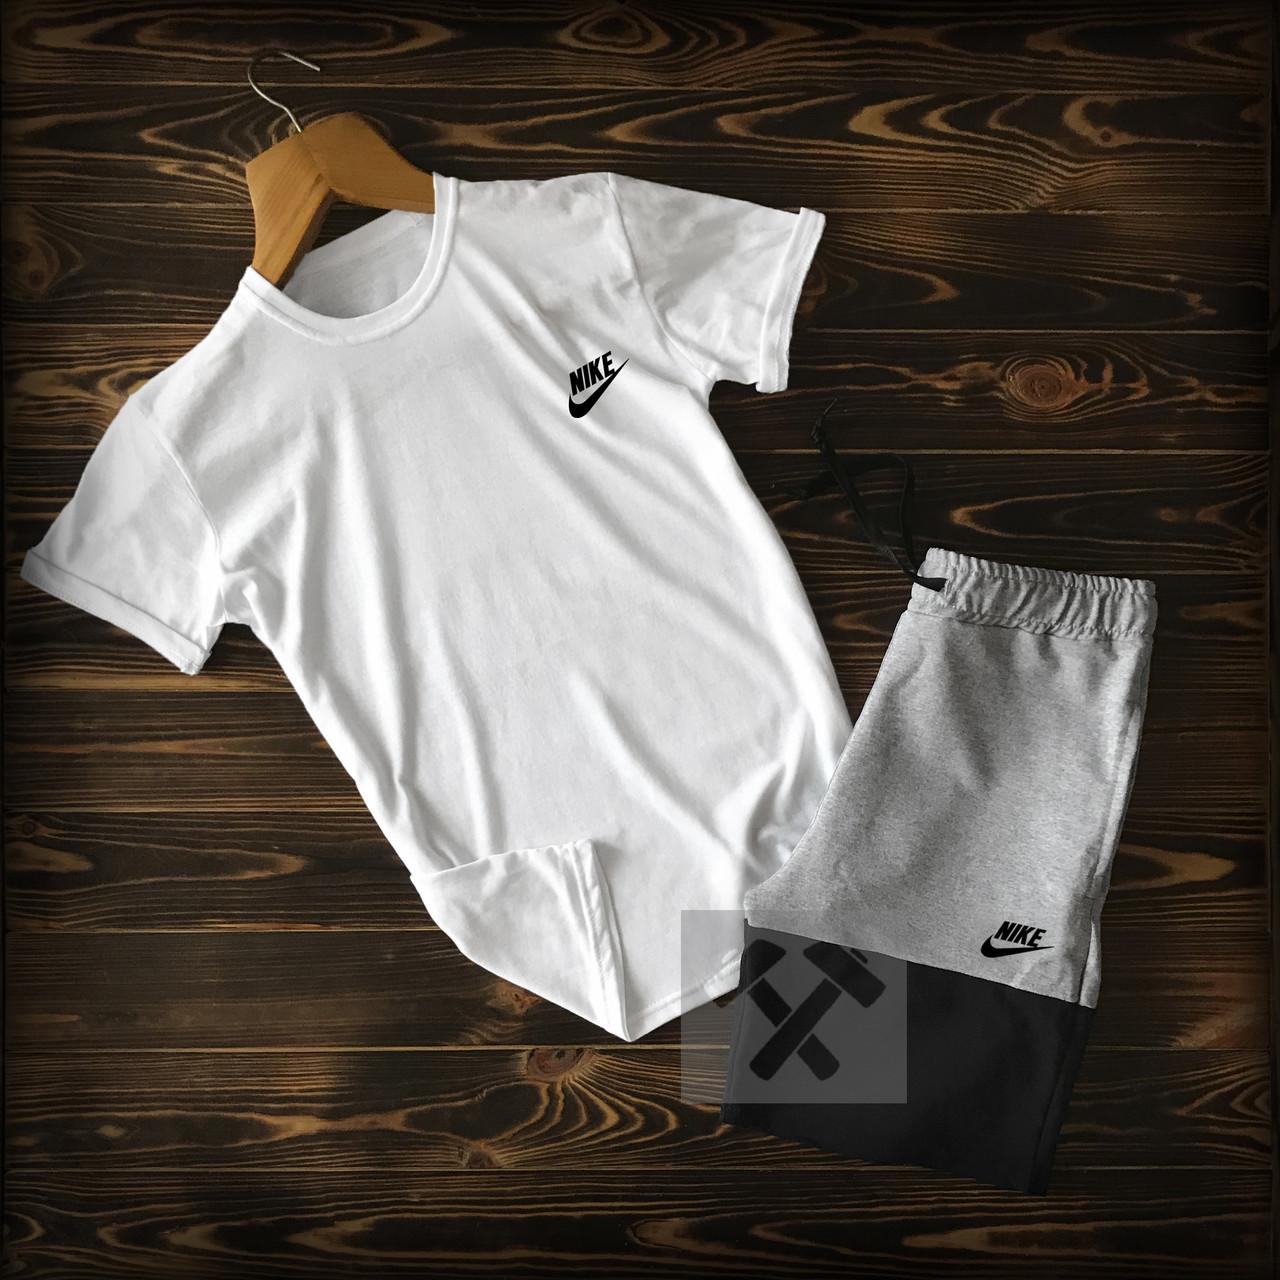 Мужской комплект футболка + шорты Nike белого и серого цвета (люкс копия)